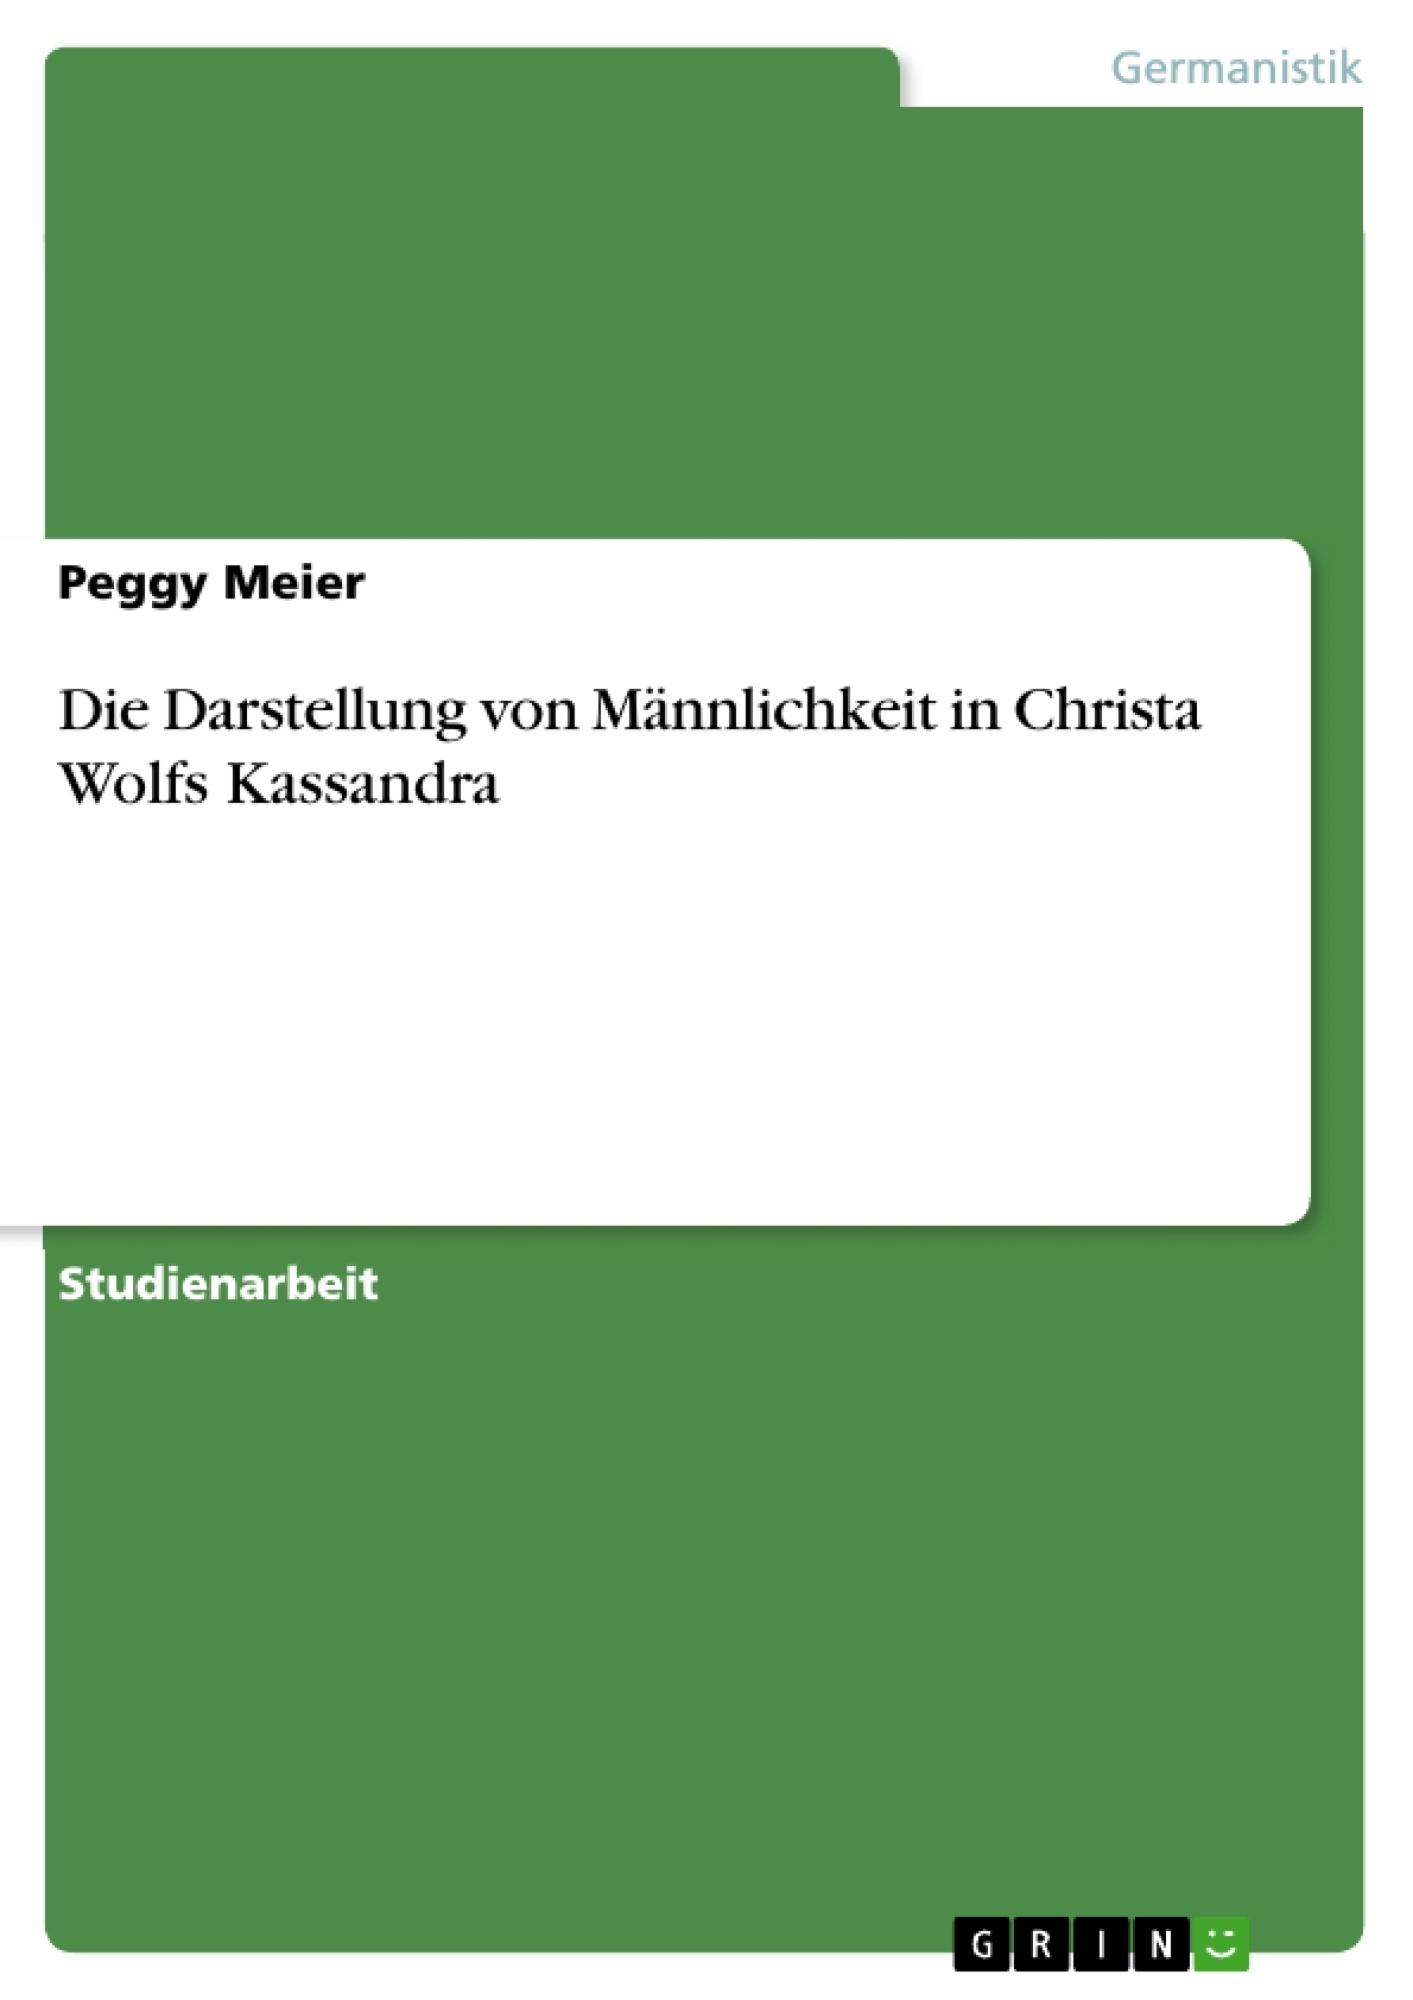 Titel: Die Darstellung von Männlichkeit in Christa Wolfs Kassandra